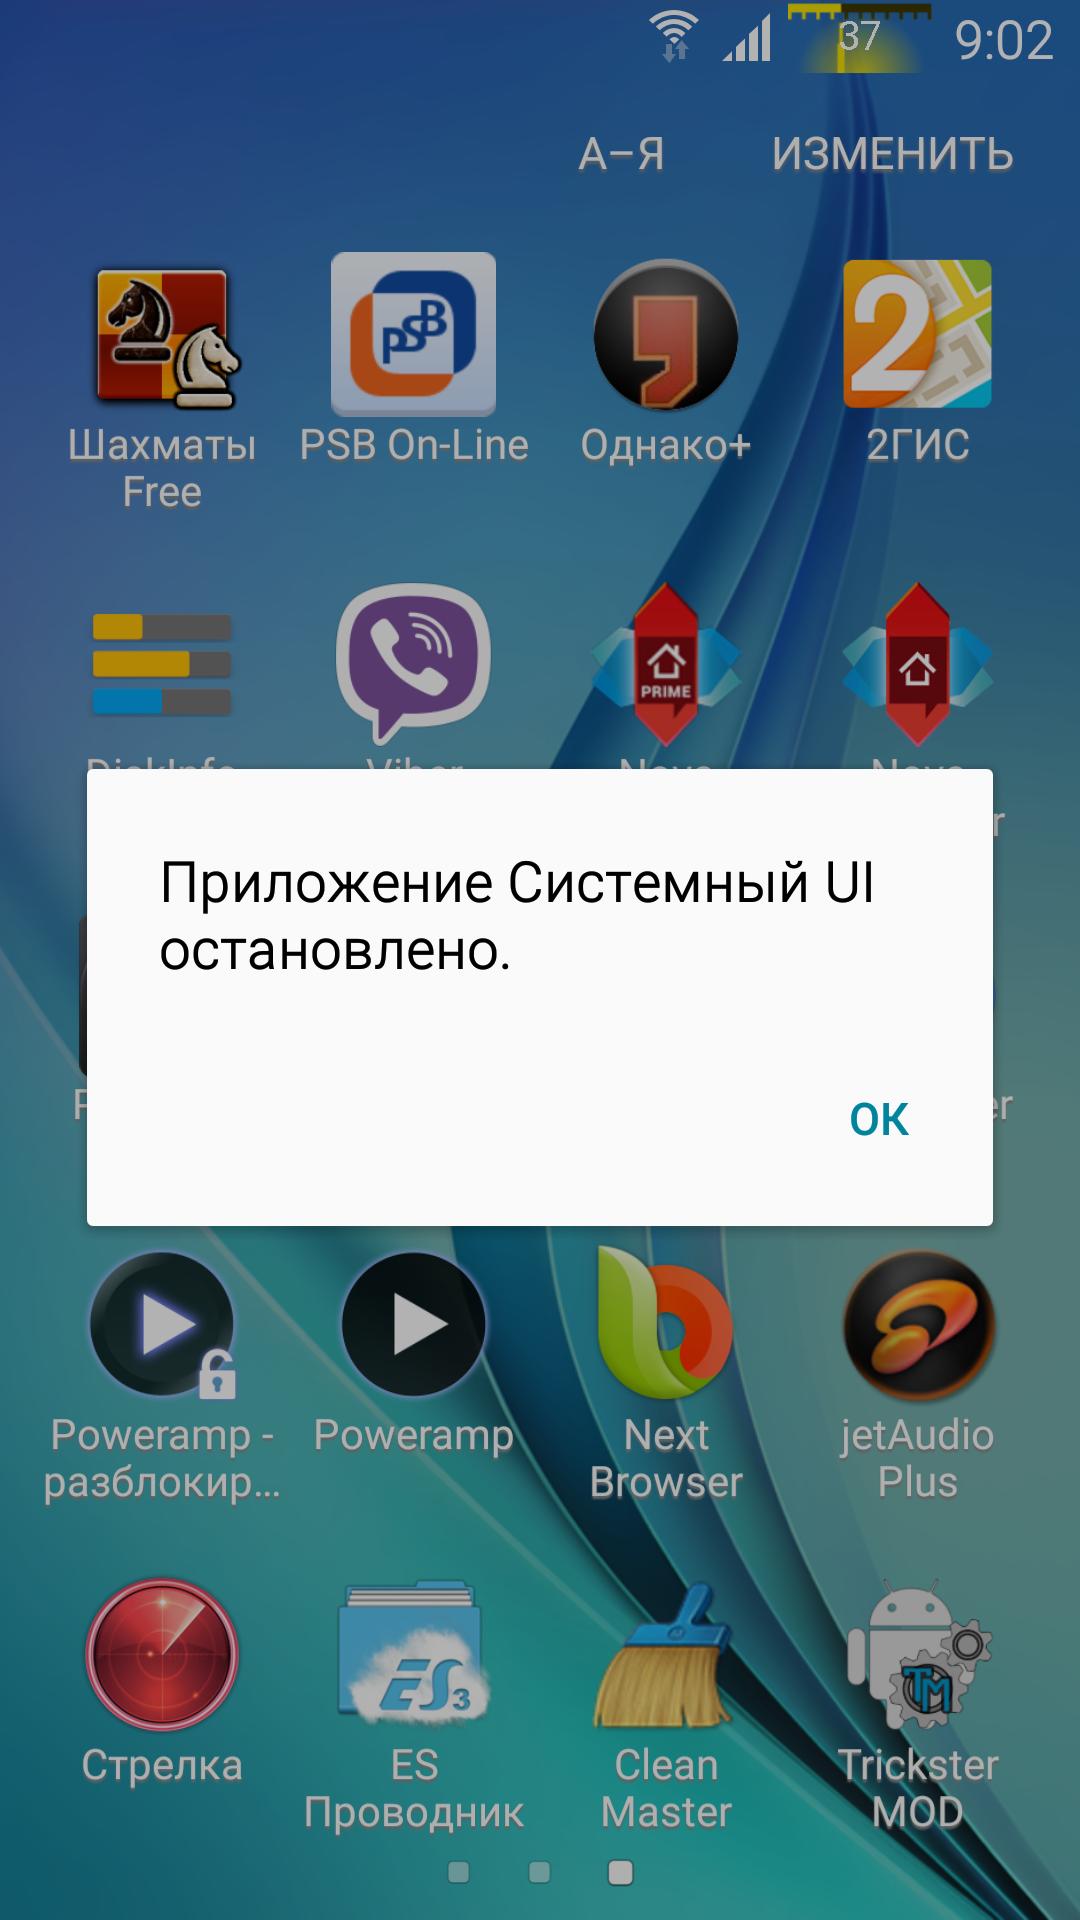 Как пользовательское приложение сделать системным в андроид